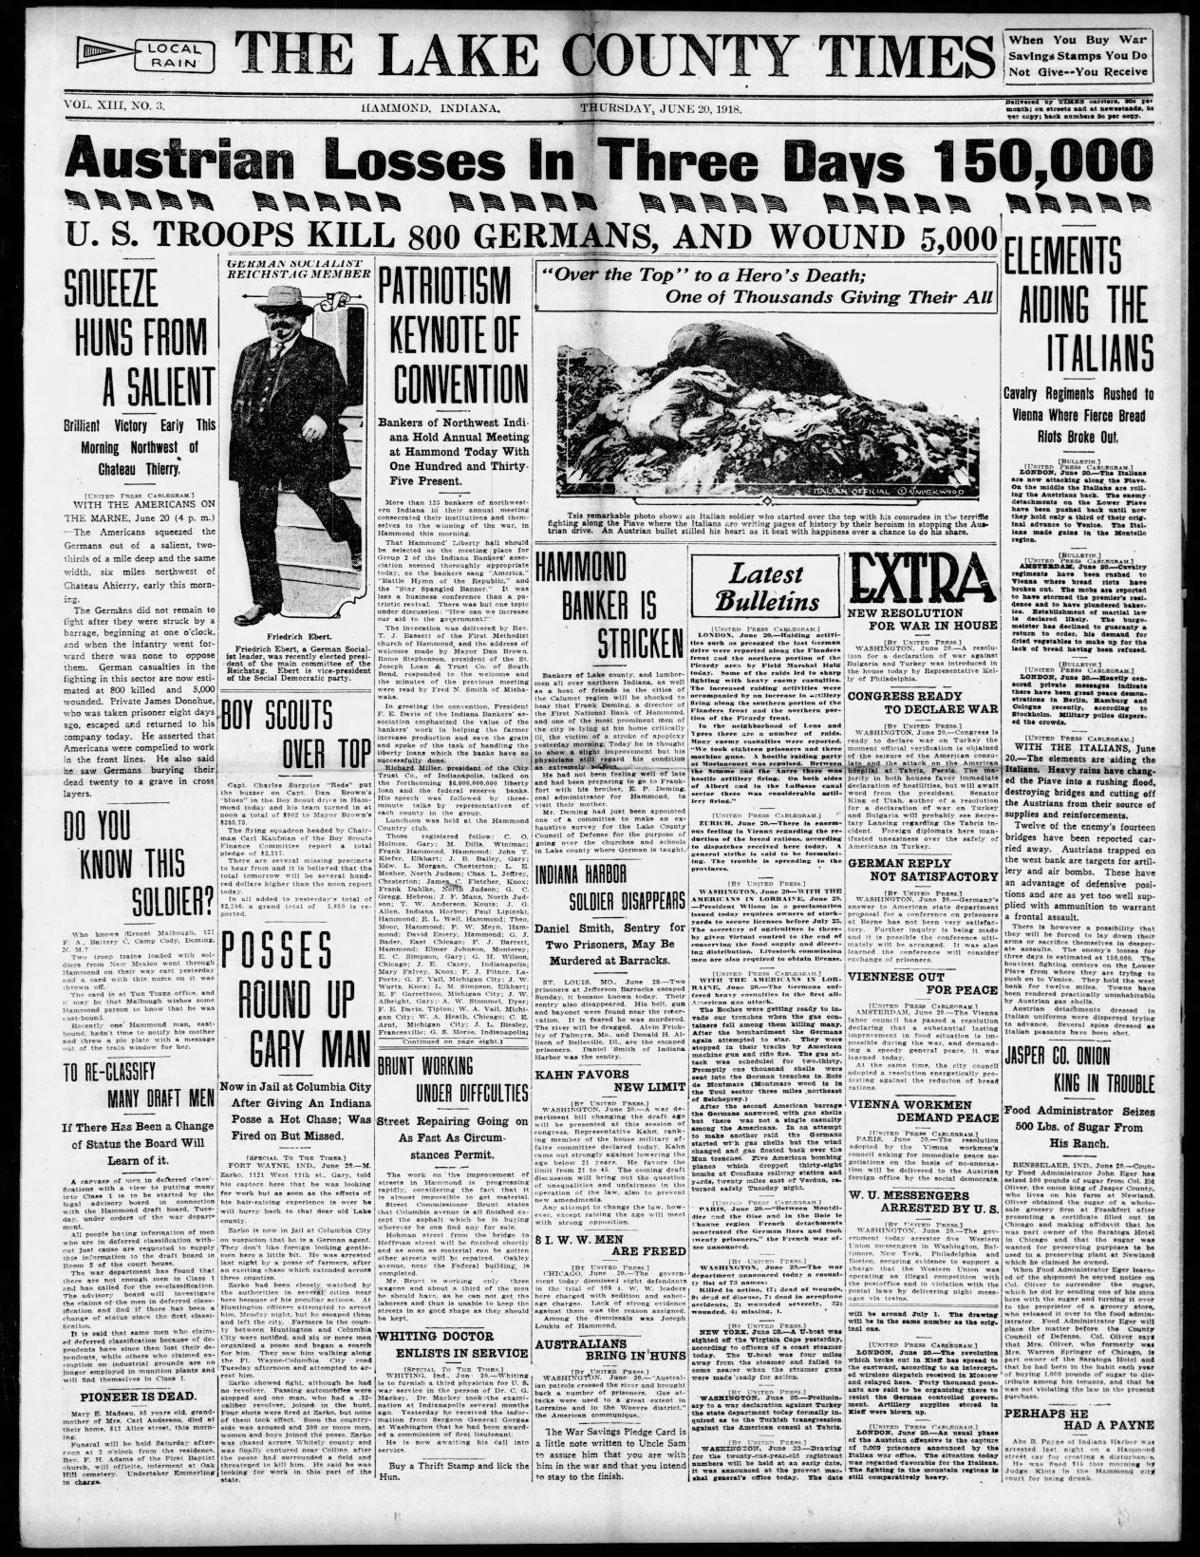 June 20, 1918: Jasper Co. Onion King In Trouble